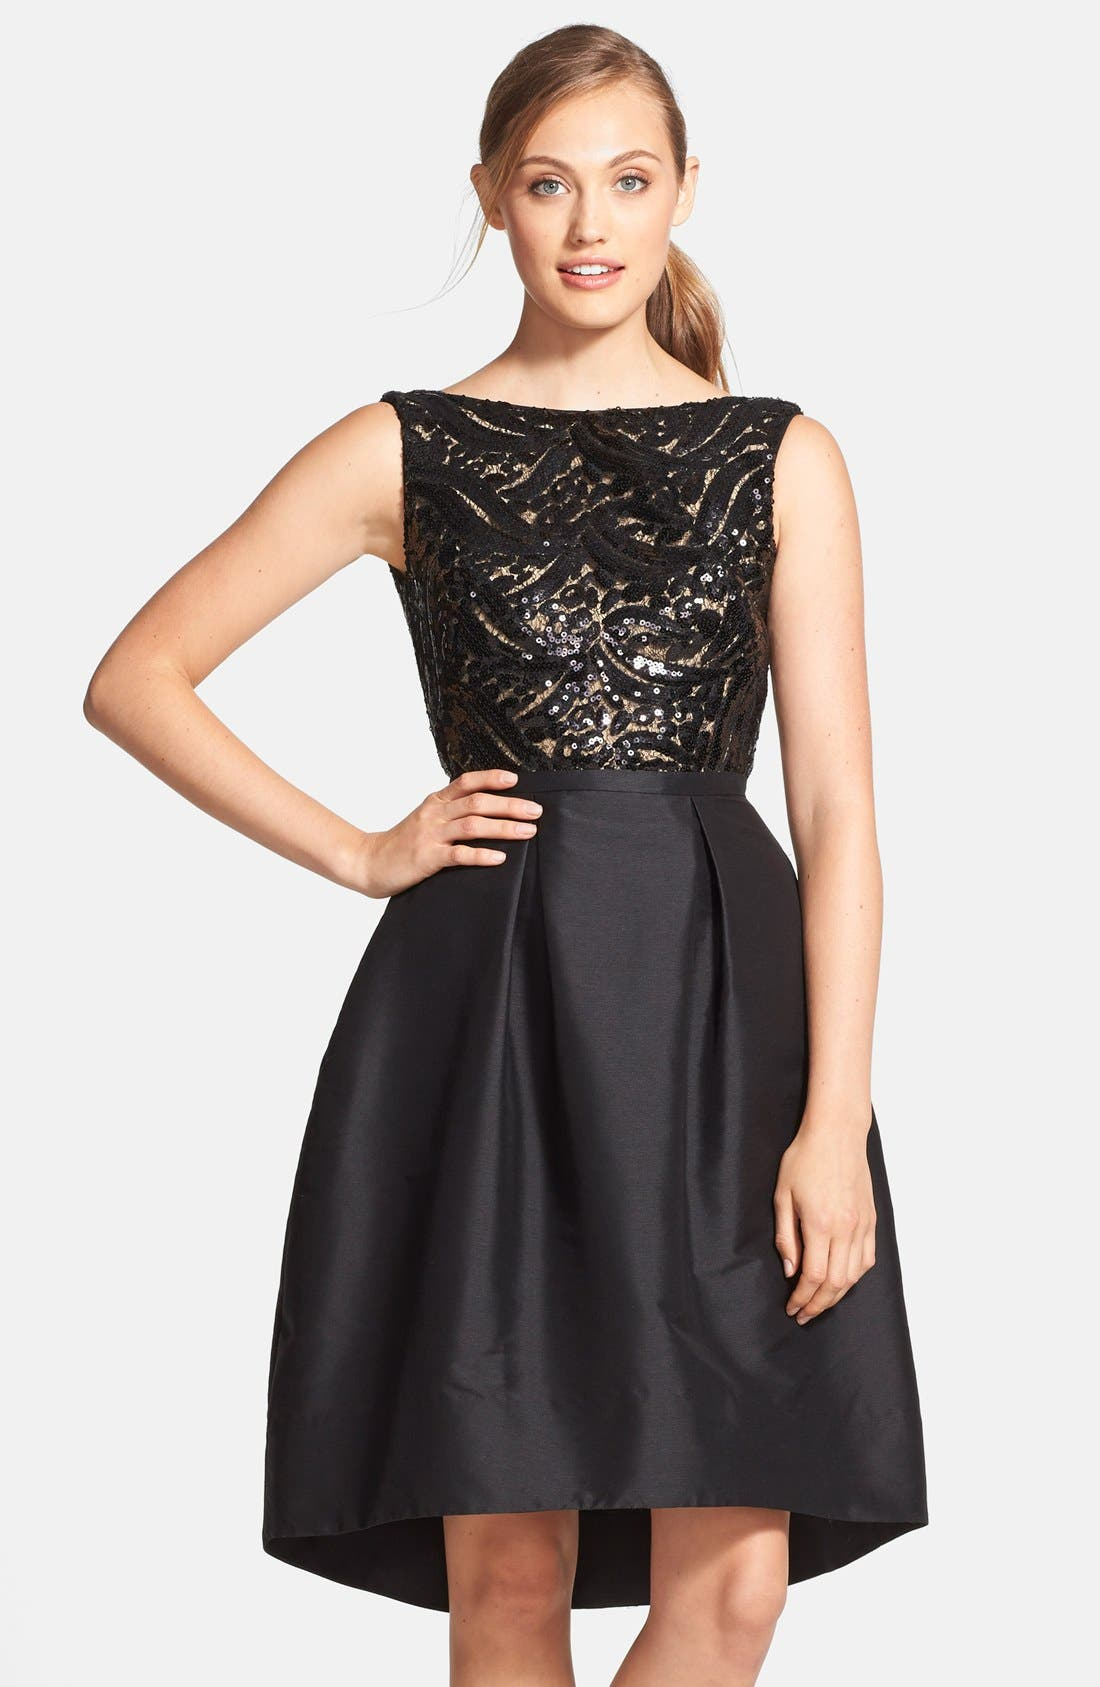 Main Image - ML Monique Lhuillier Sequin Bodice Faille Fit & Flare Dress